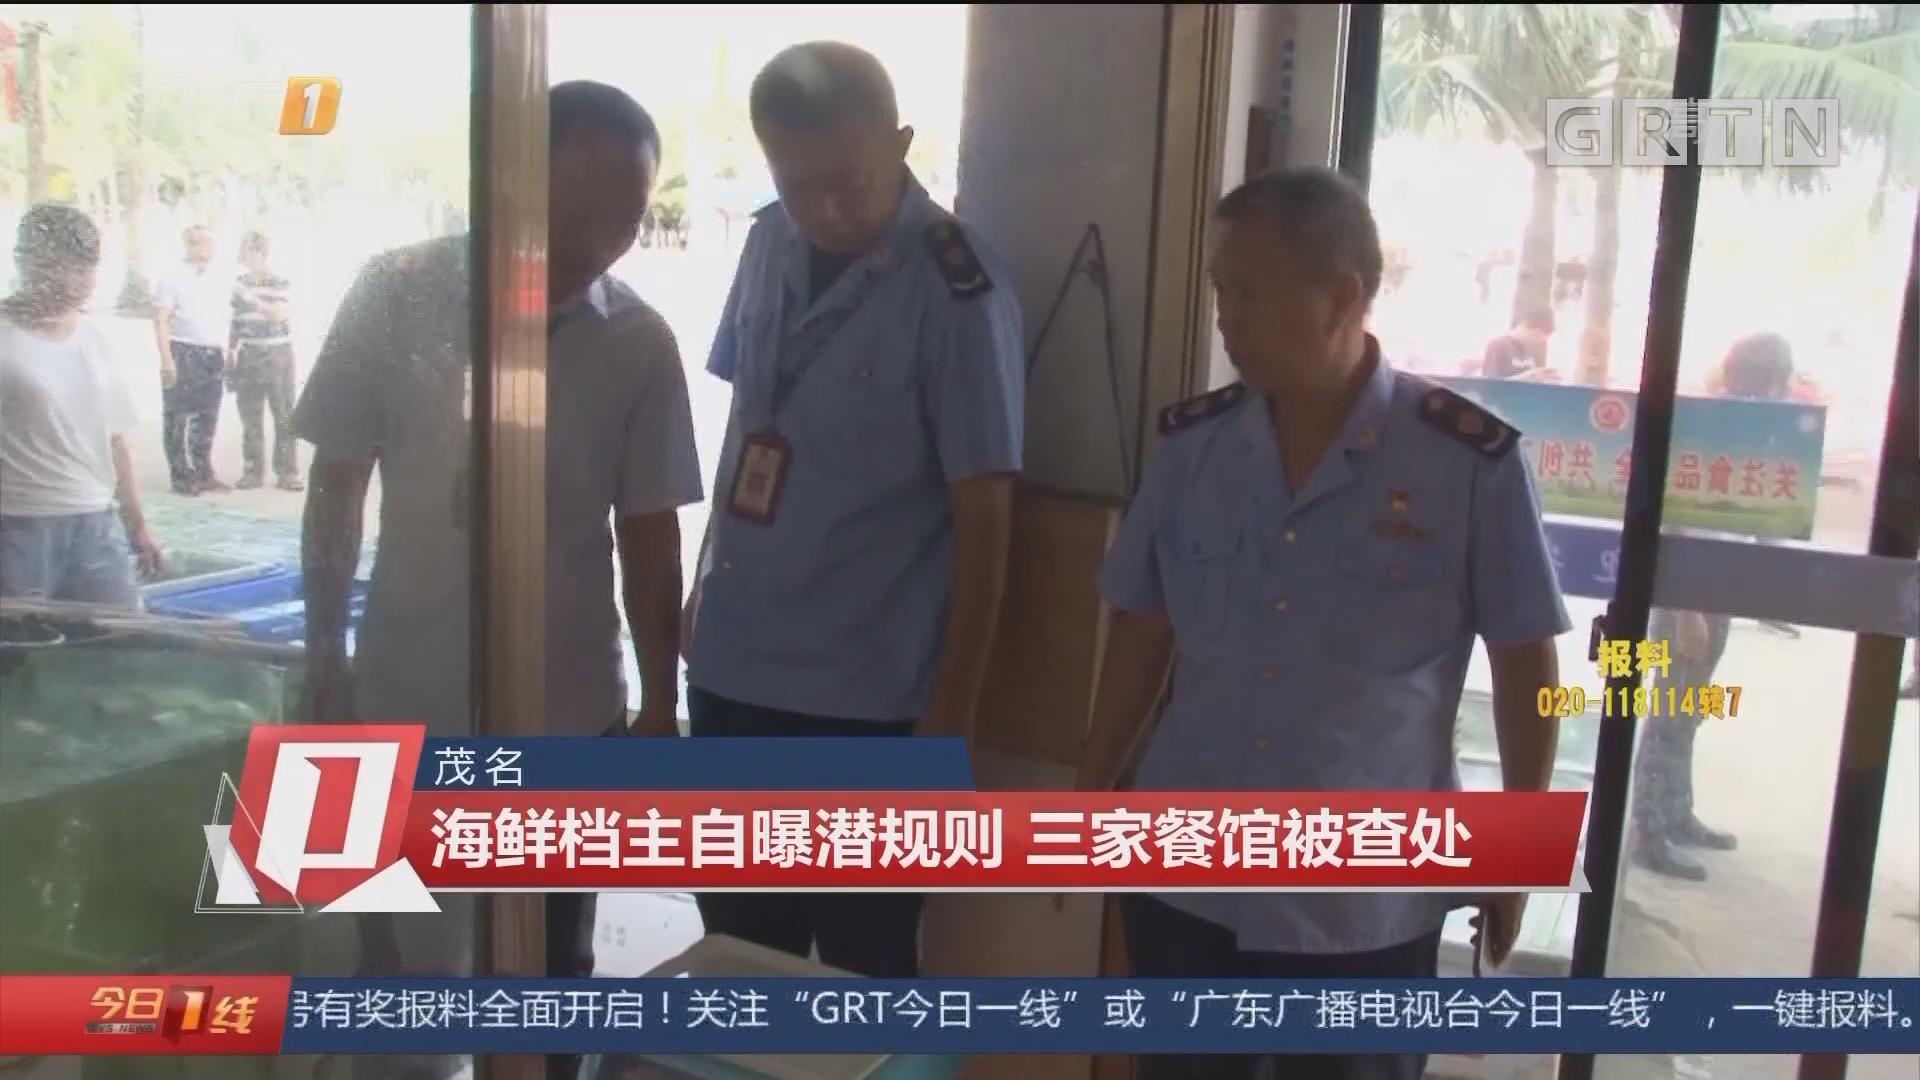 茂名:海鲜档主自曝潜规则 三家餐馆被查处